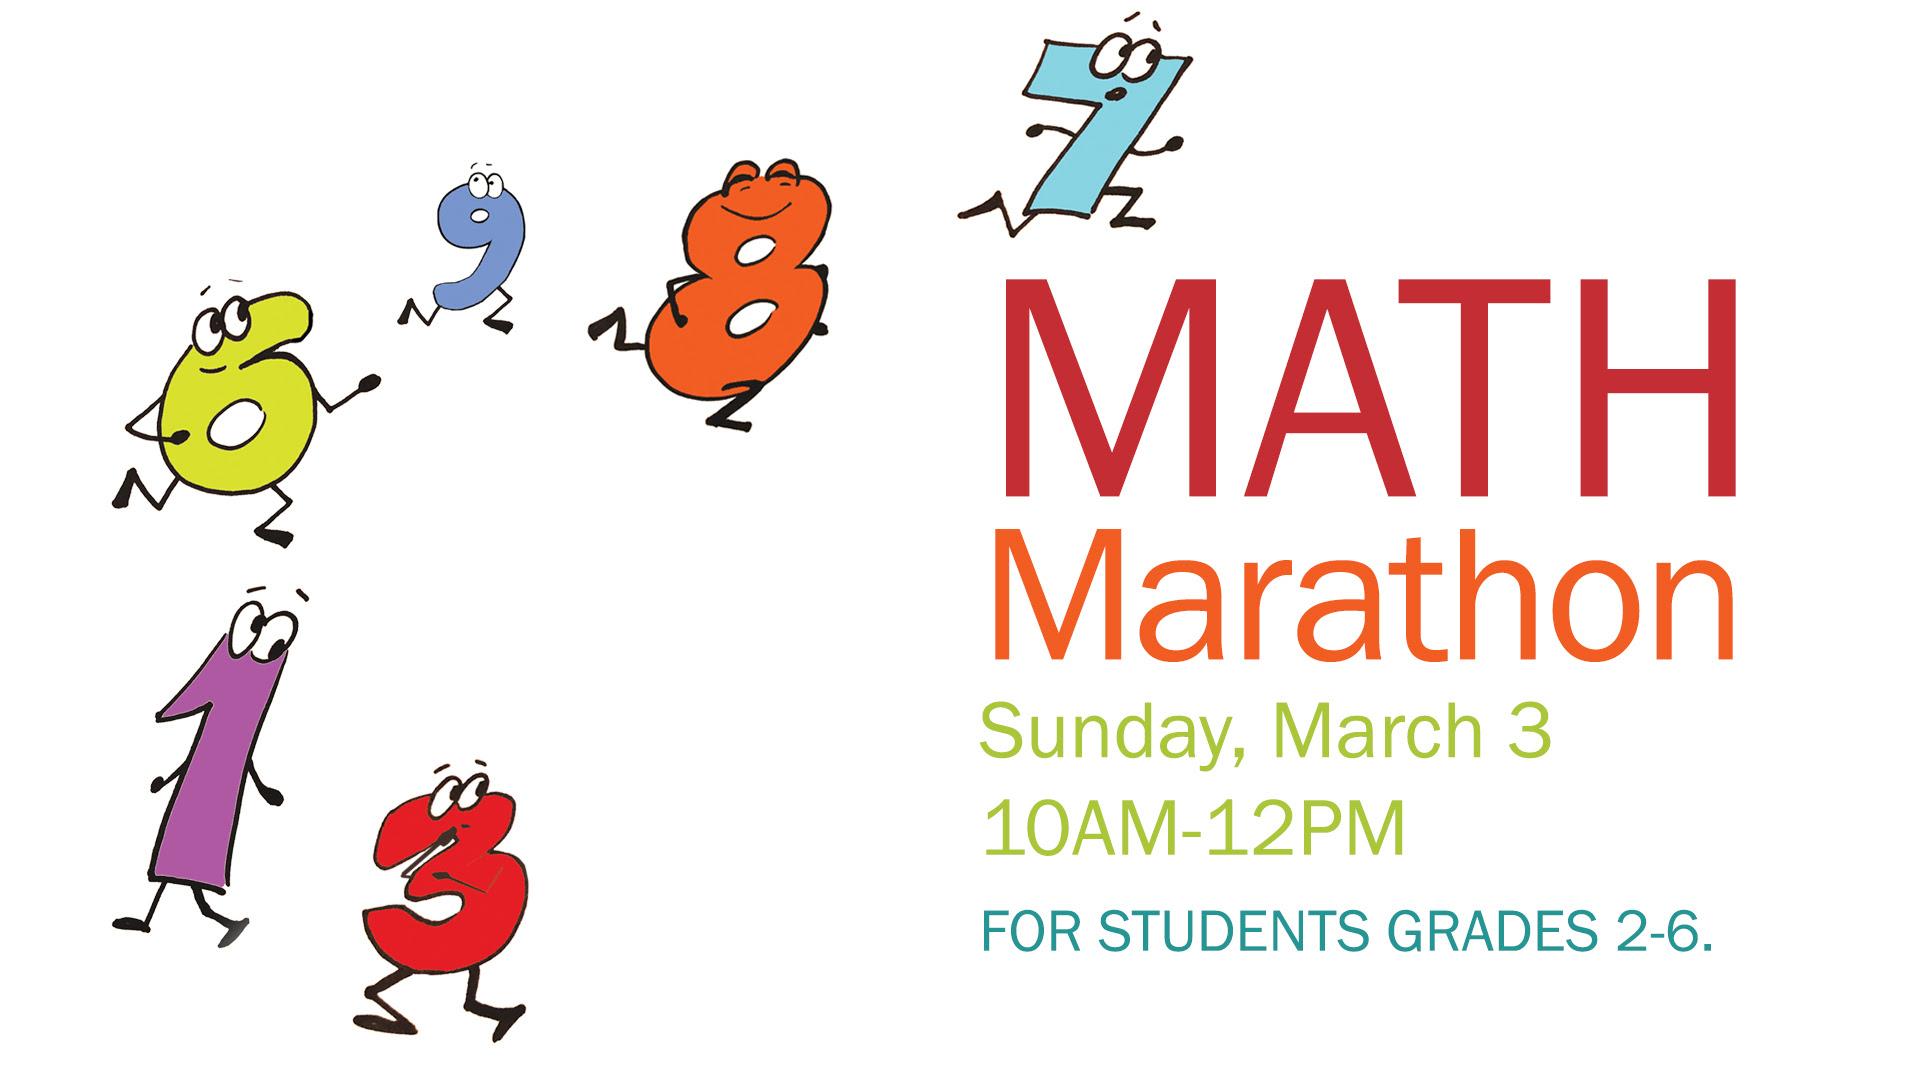 Math marathon